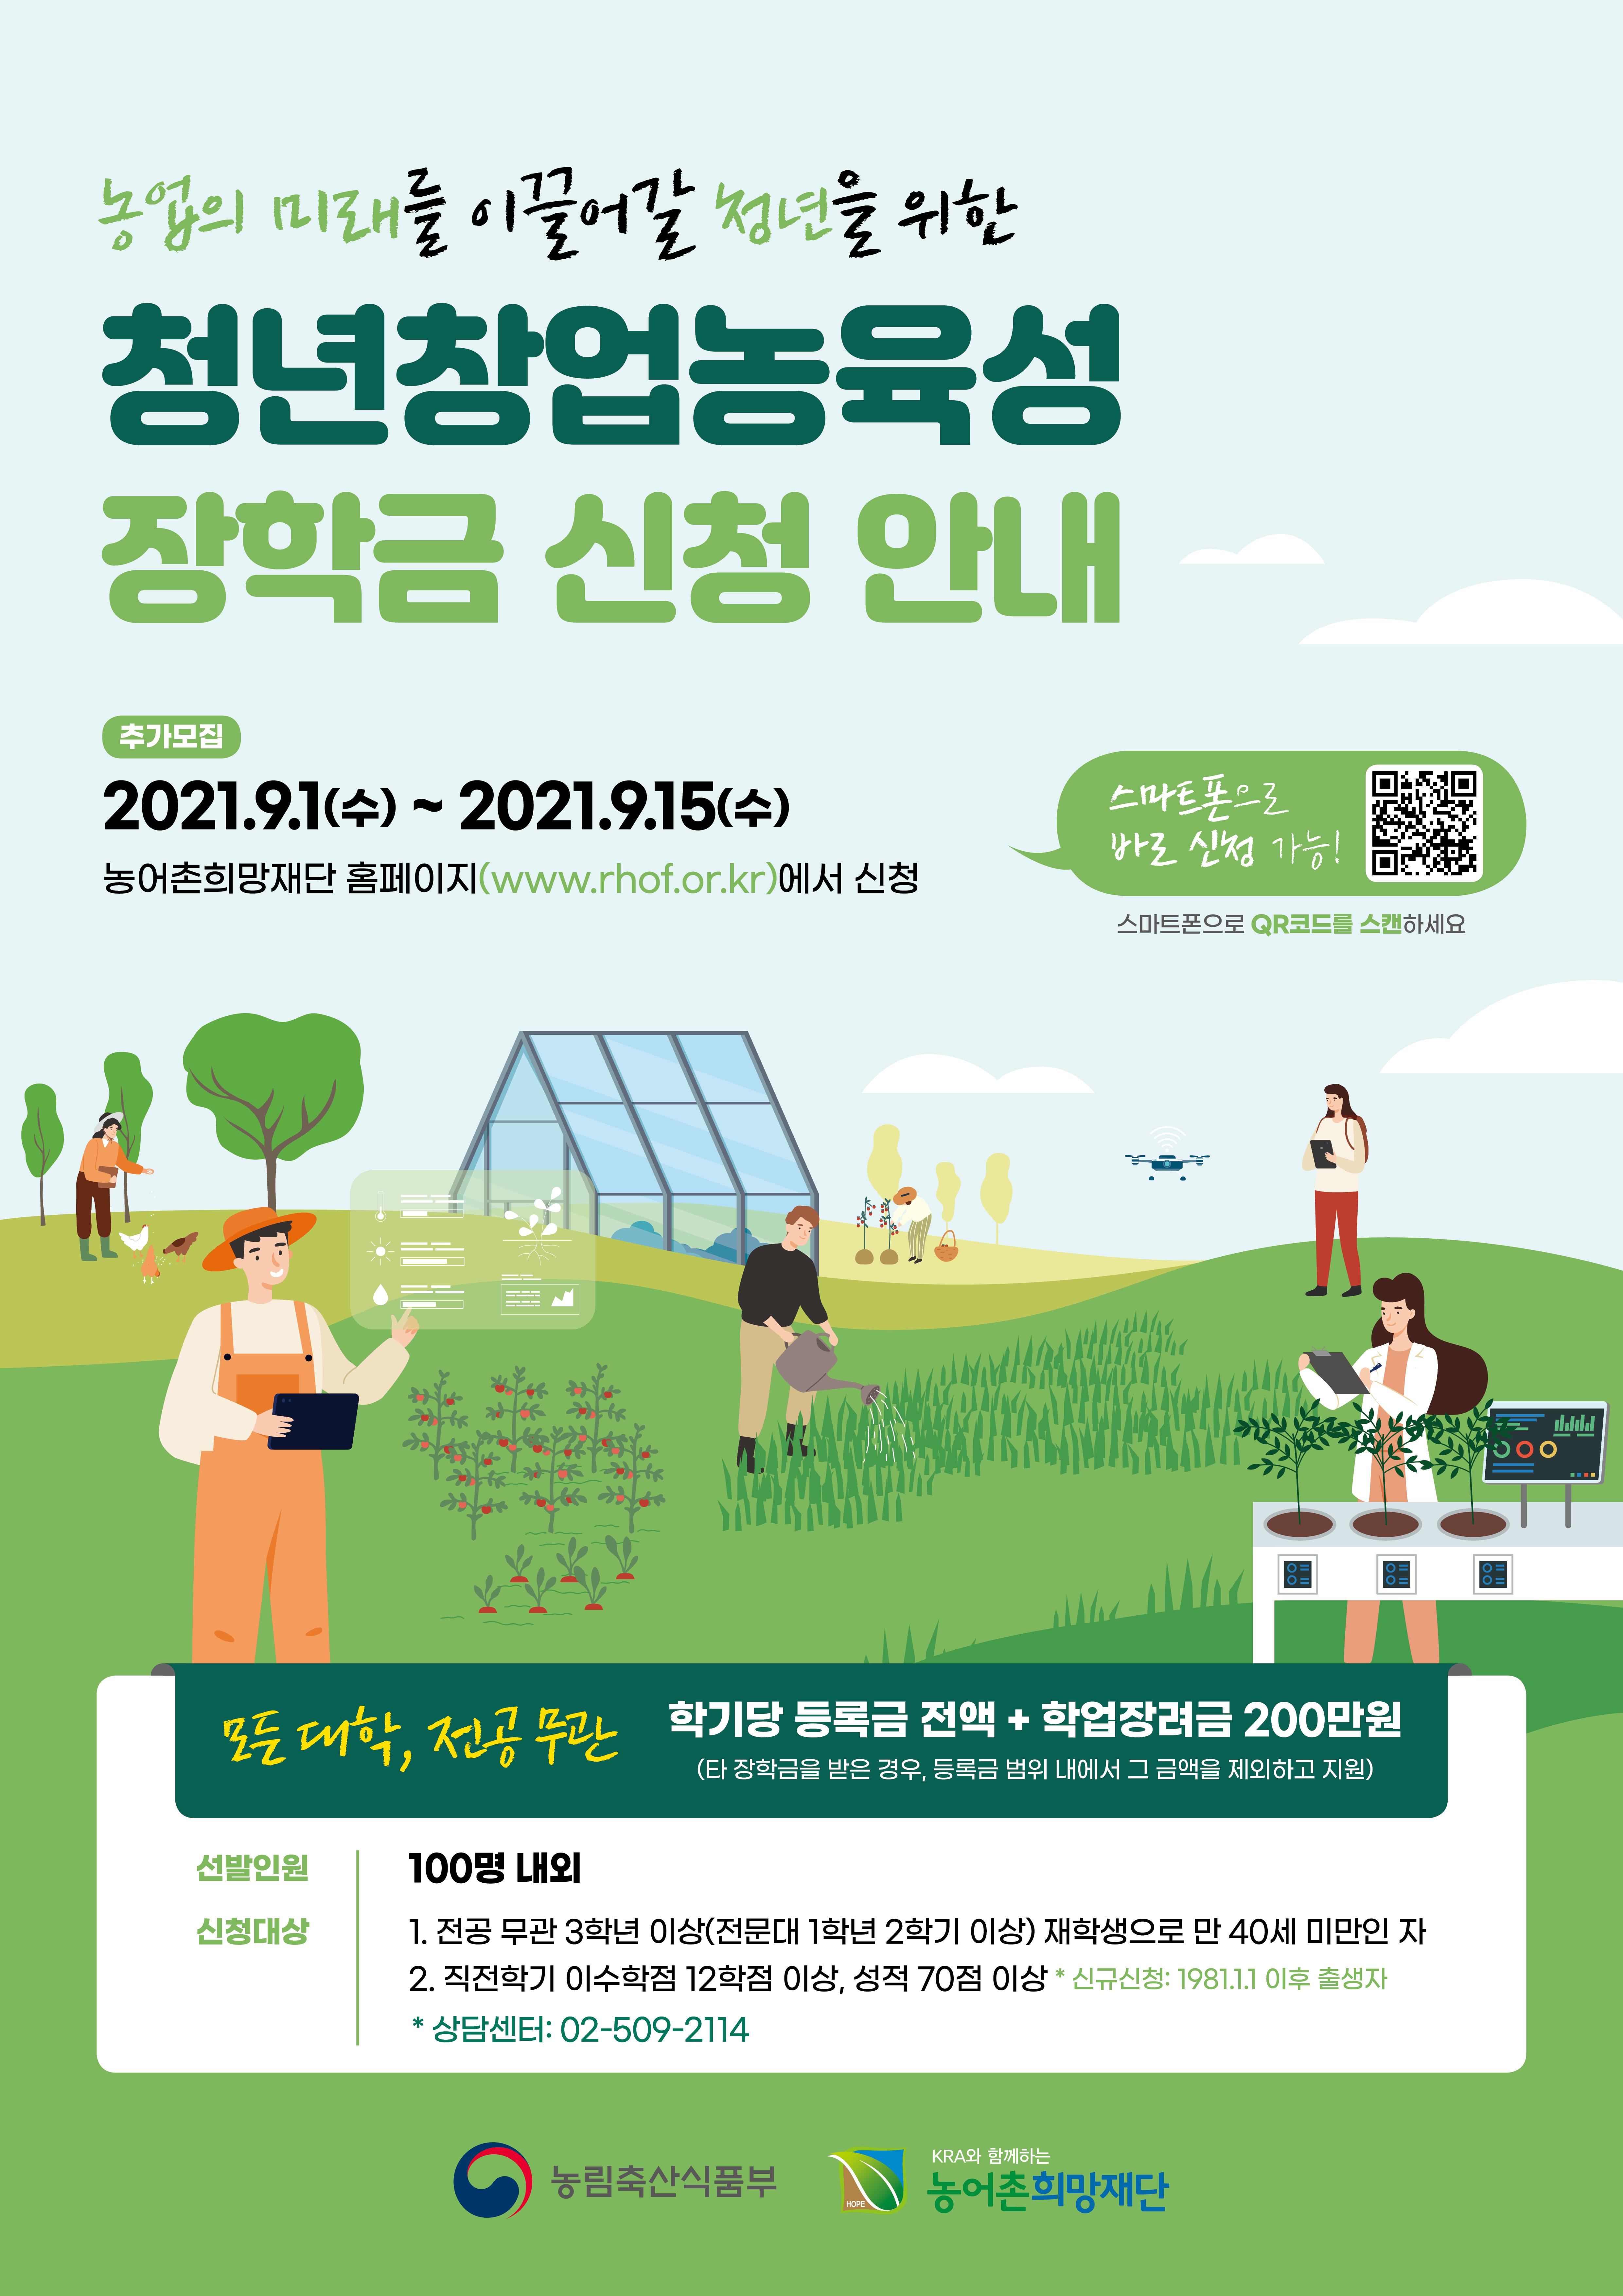 붙임4 2021년 2학기 청년창업농육성장학생 추가선발 안내 홍보 포스터.jpg